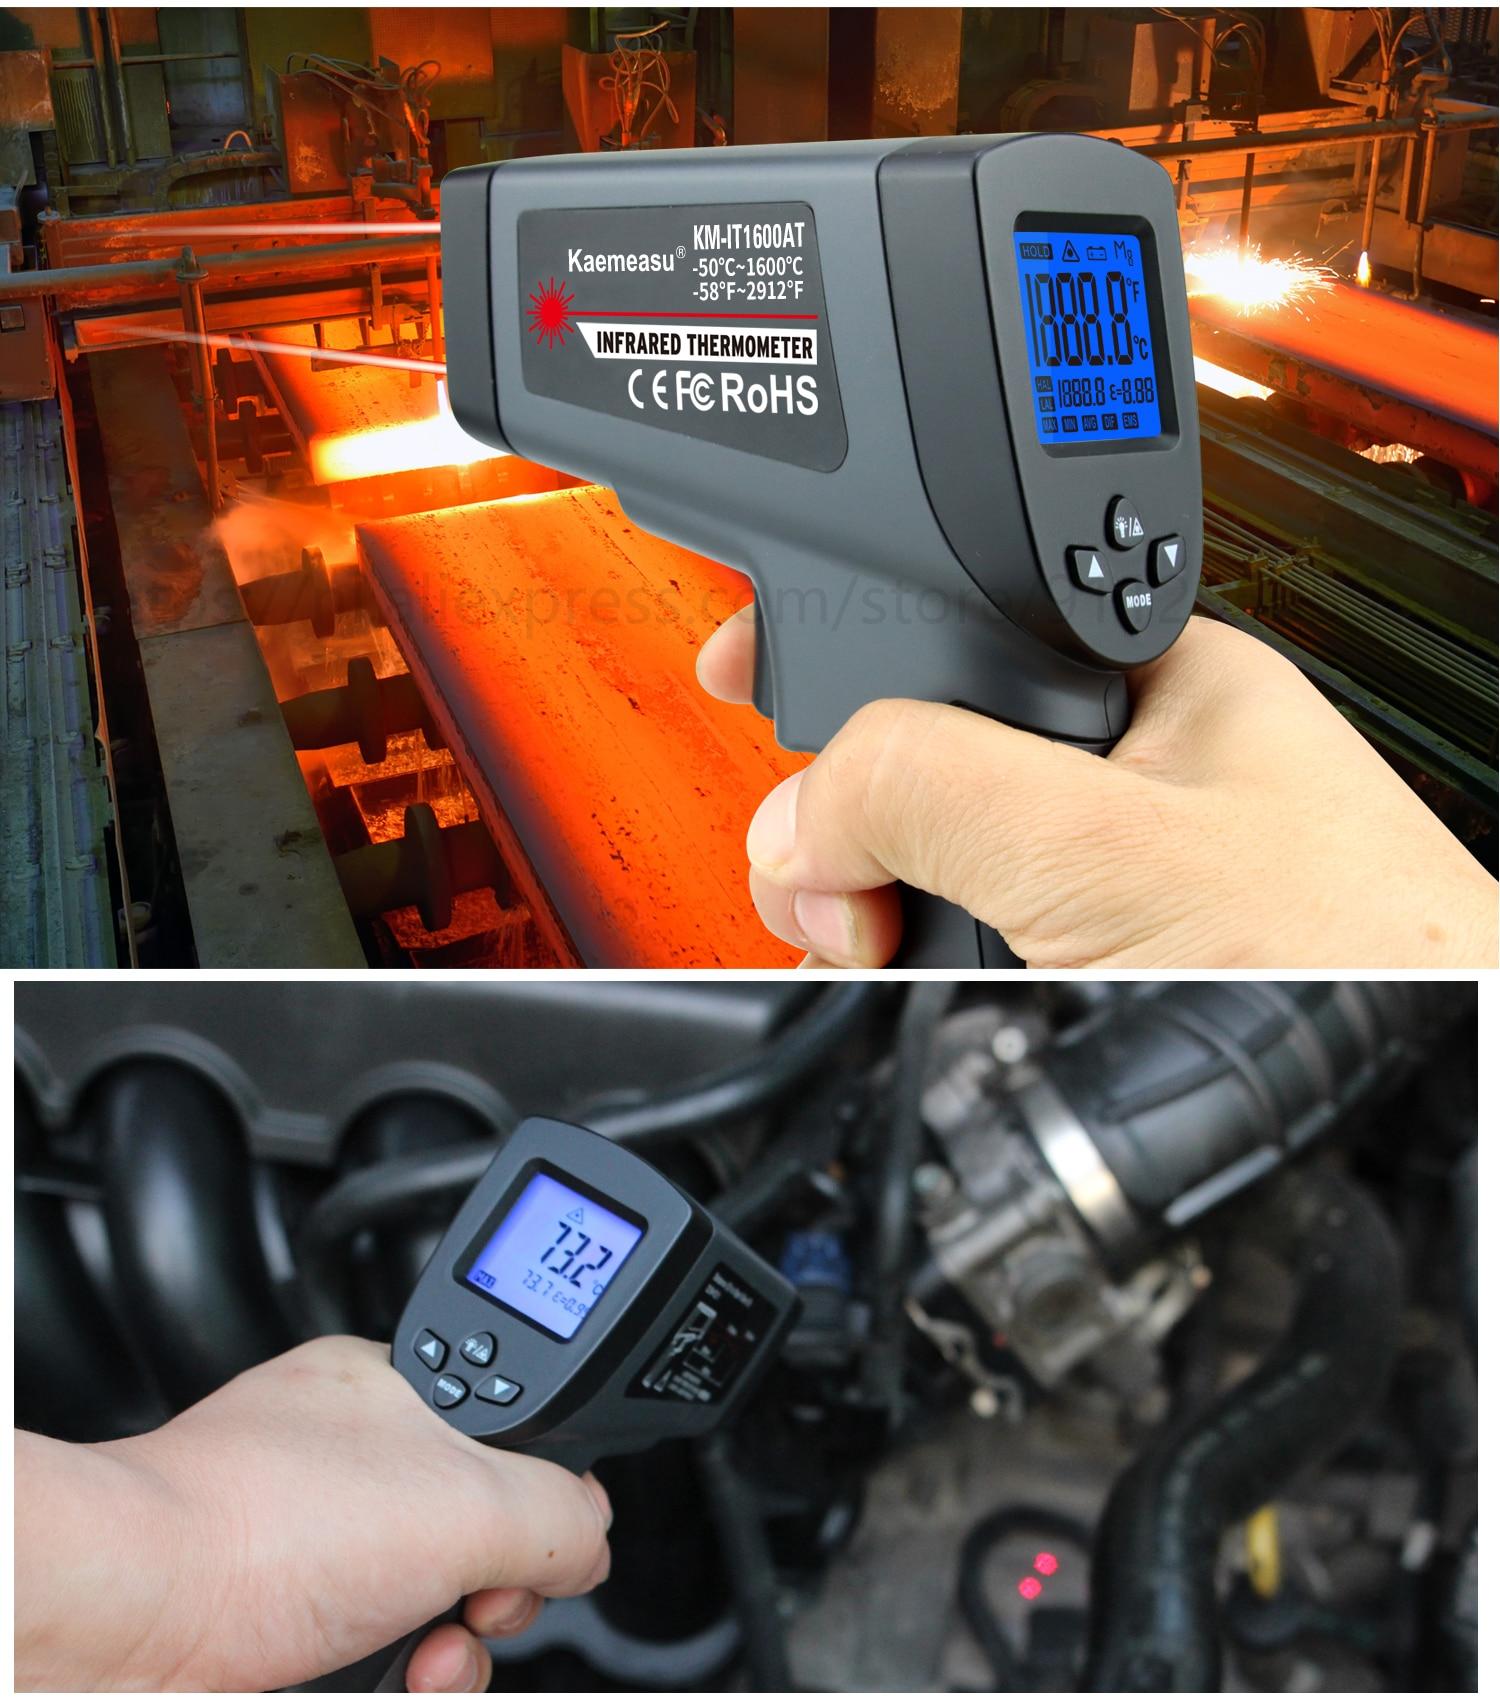 Kaemeasu Digitale Infrarood Thermometer -50 ~ 1600 Meetbereik, Non-contact, Veiligheid, Koken, industriële Elektronische Thermometer Pistool 25